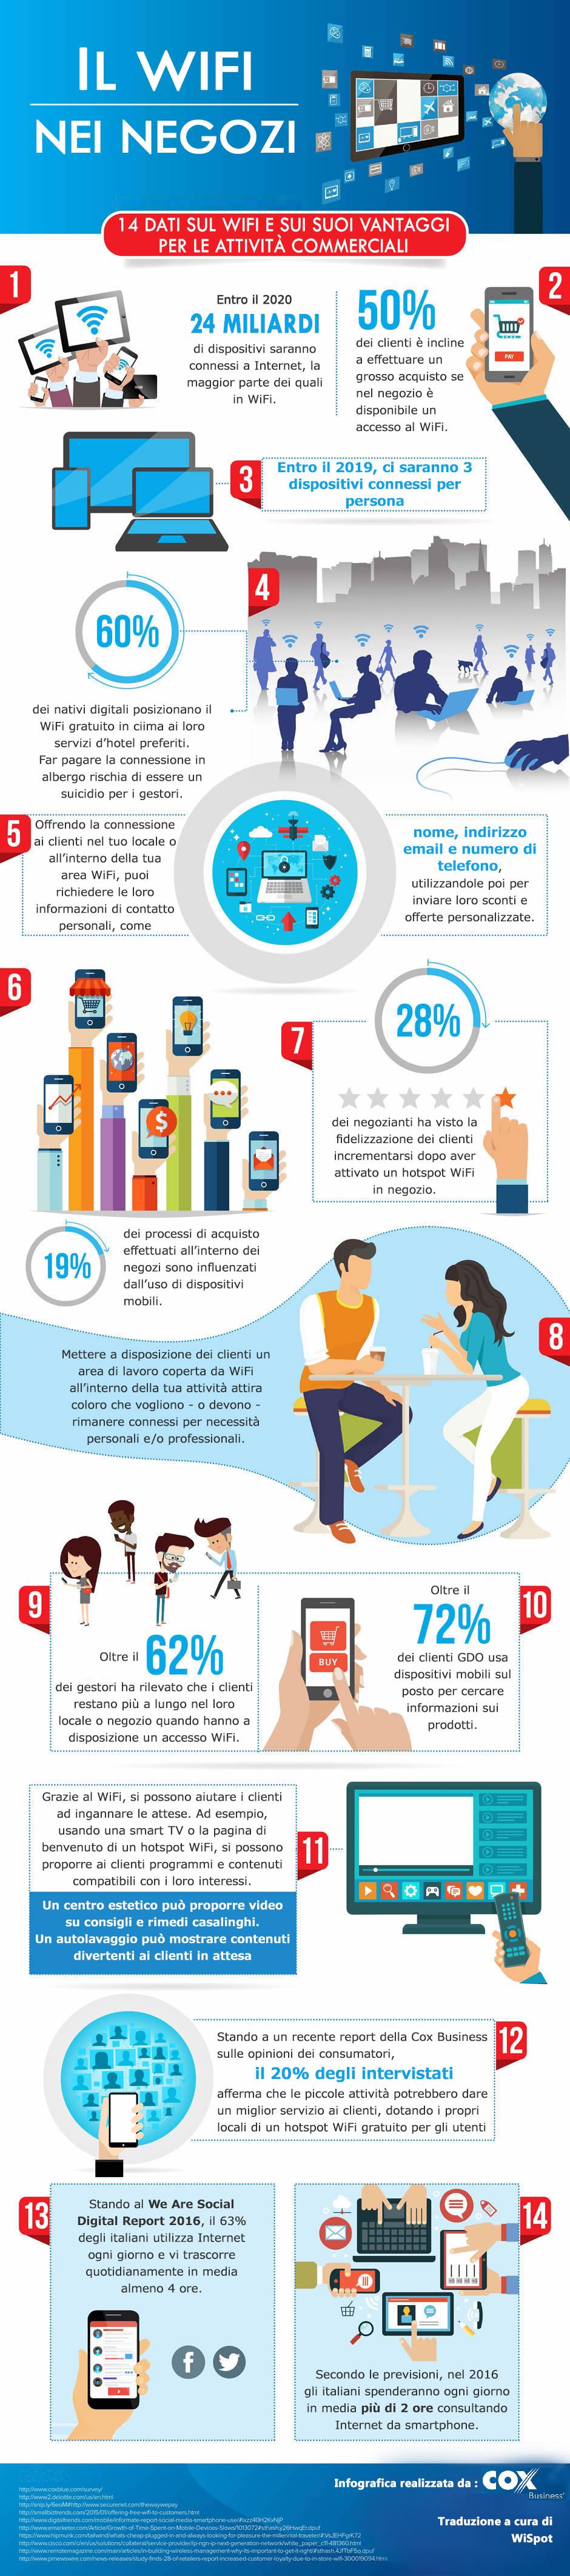 Infografica contenente dati, statistiche e idee sui vantaggi che derivano dall'installazione del wifi per negozi.